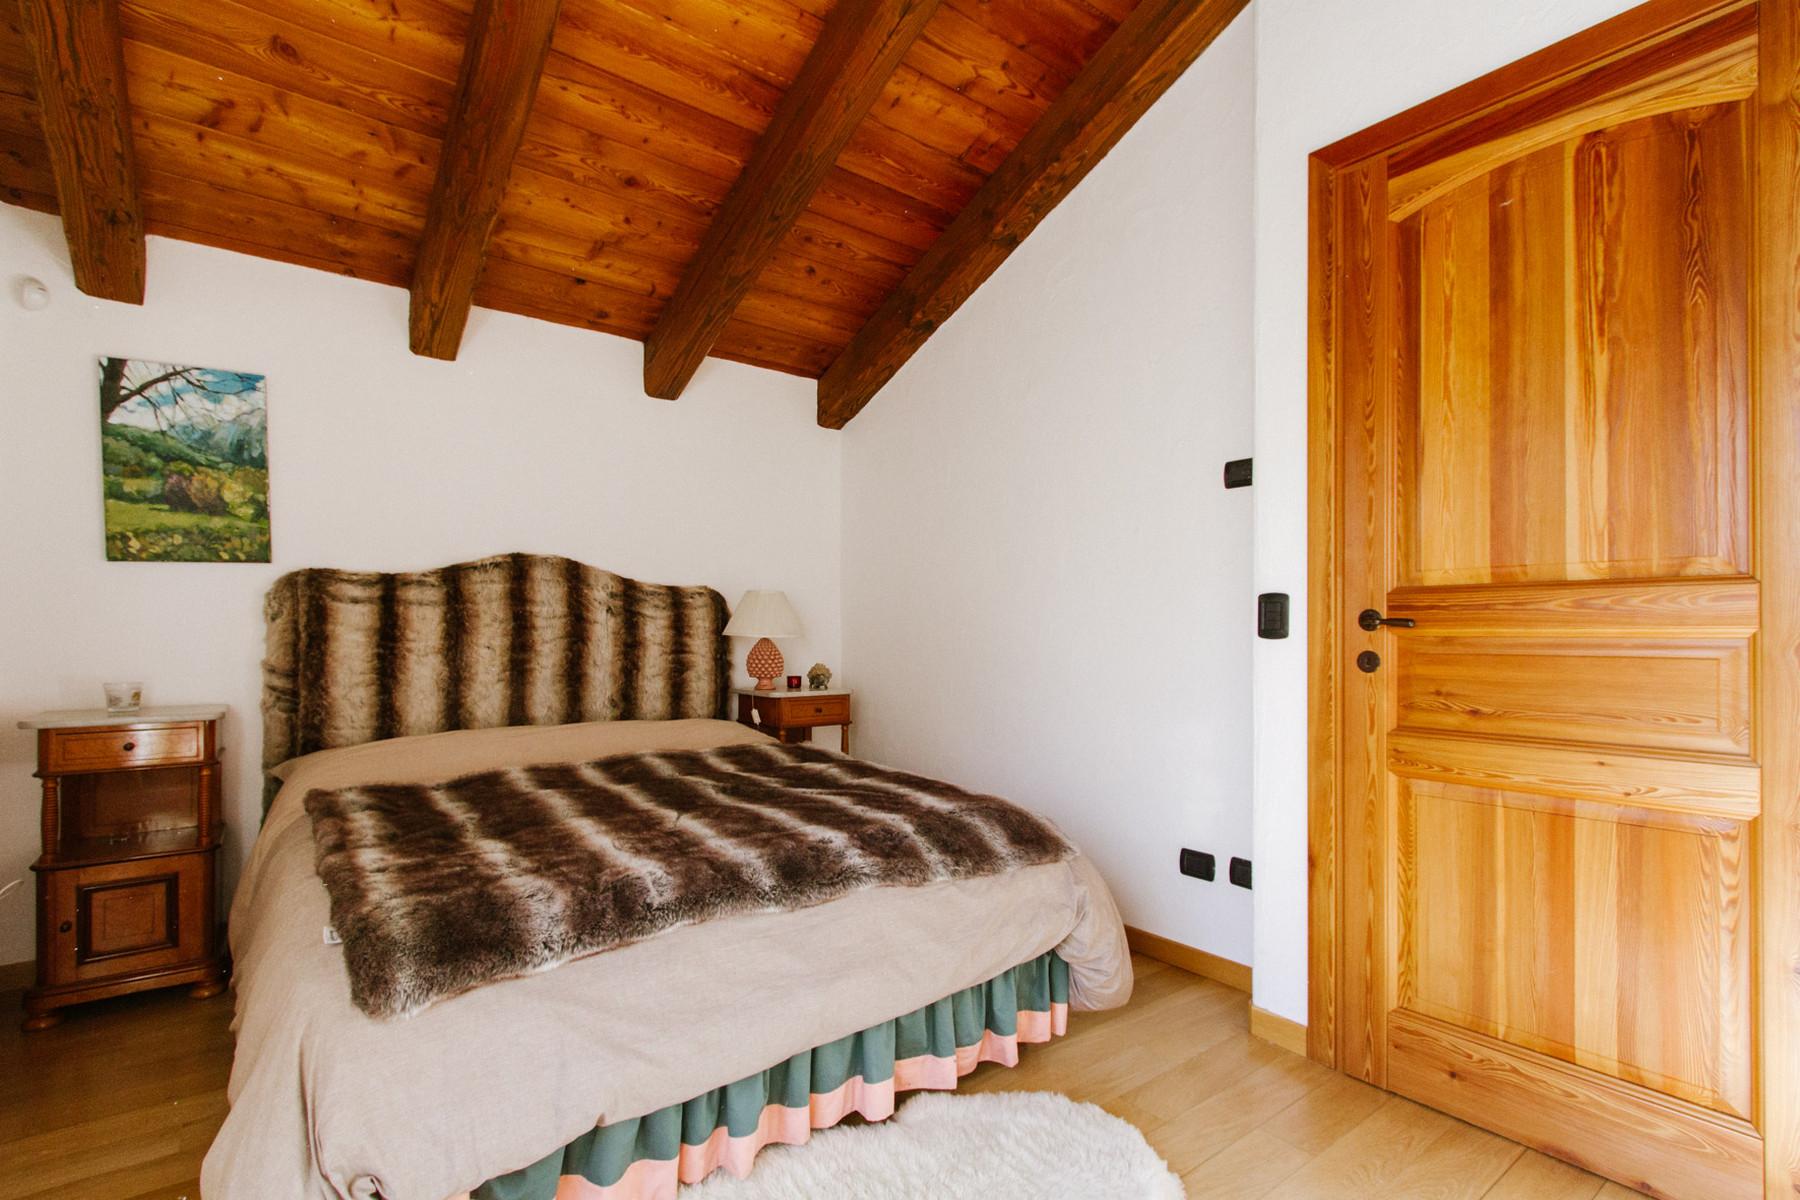 Villa in Vendita a Pre'-Saint-Didier: 5 locali, 350 mq - Foto 8